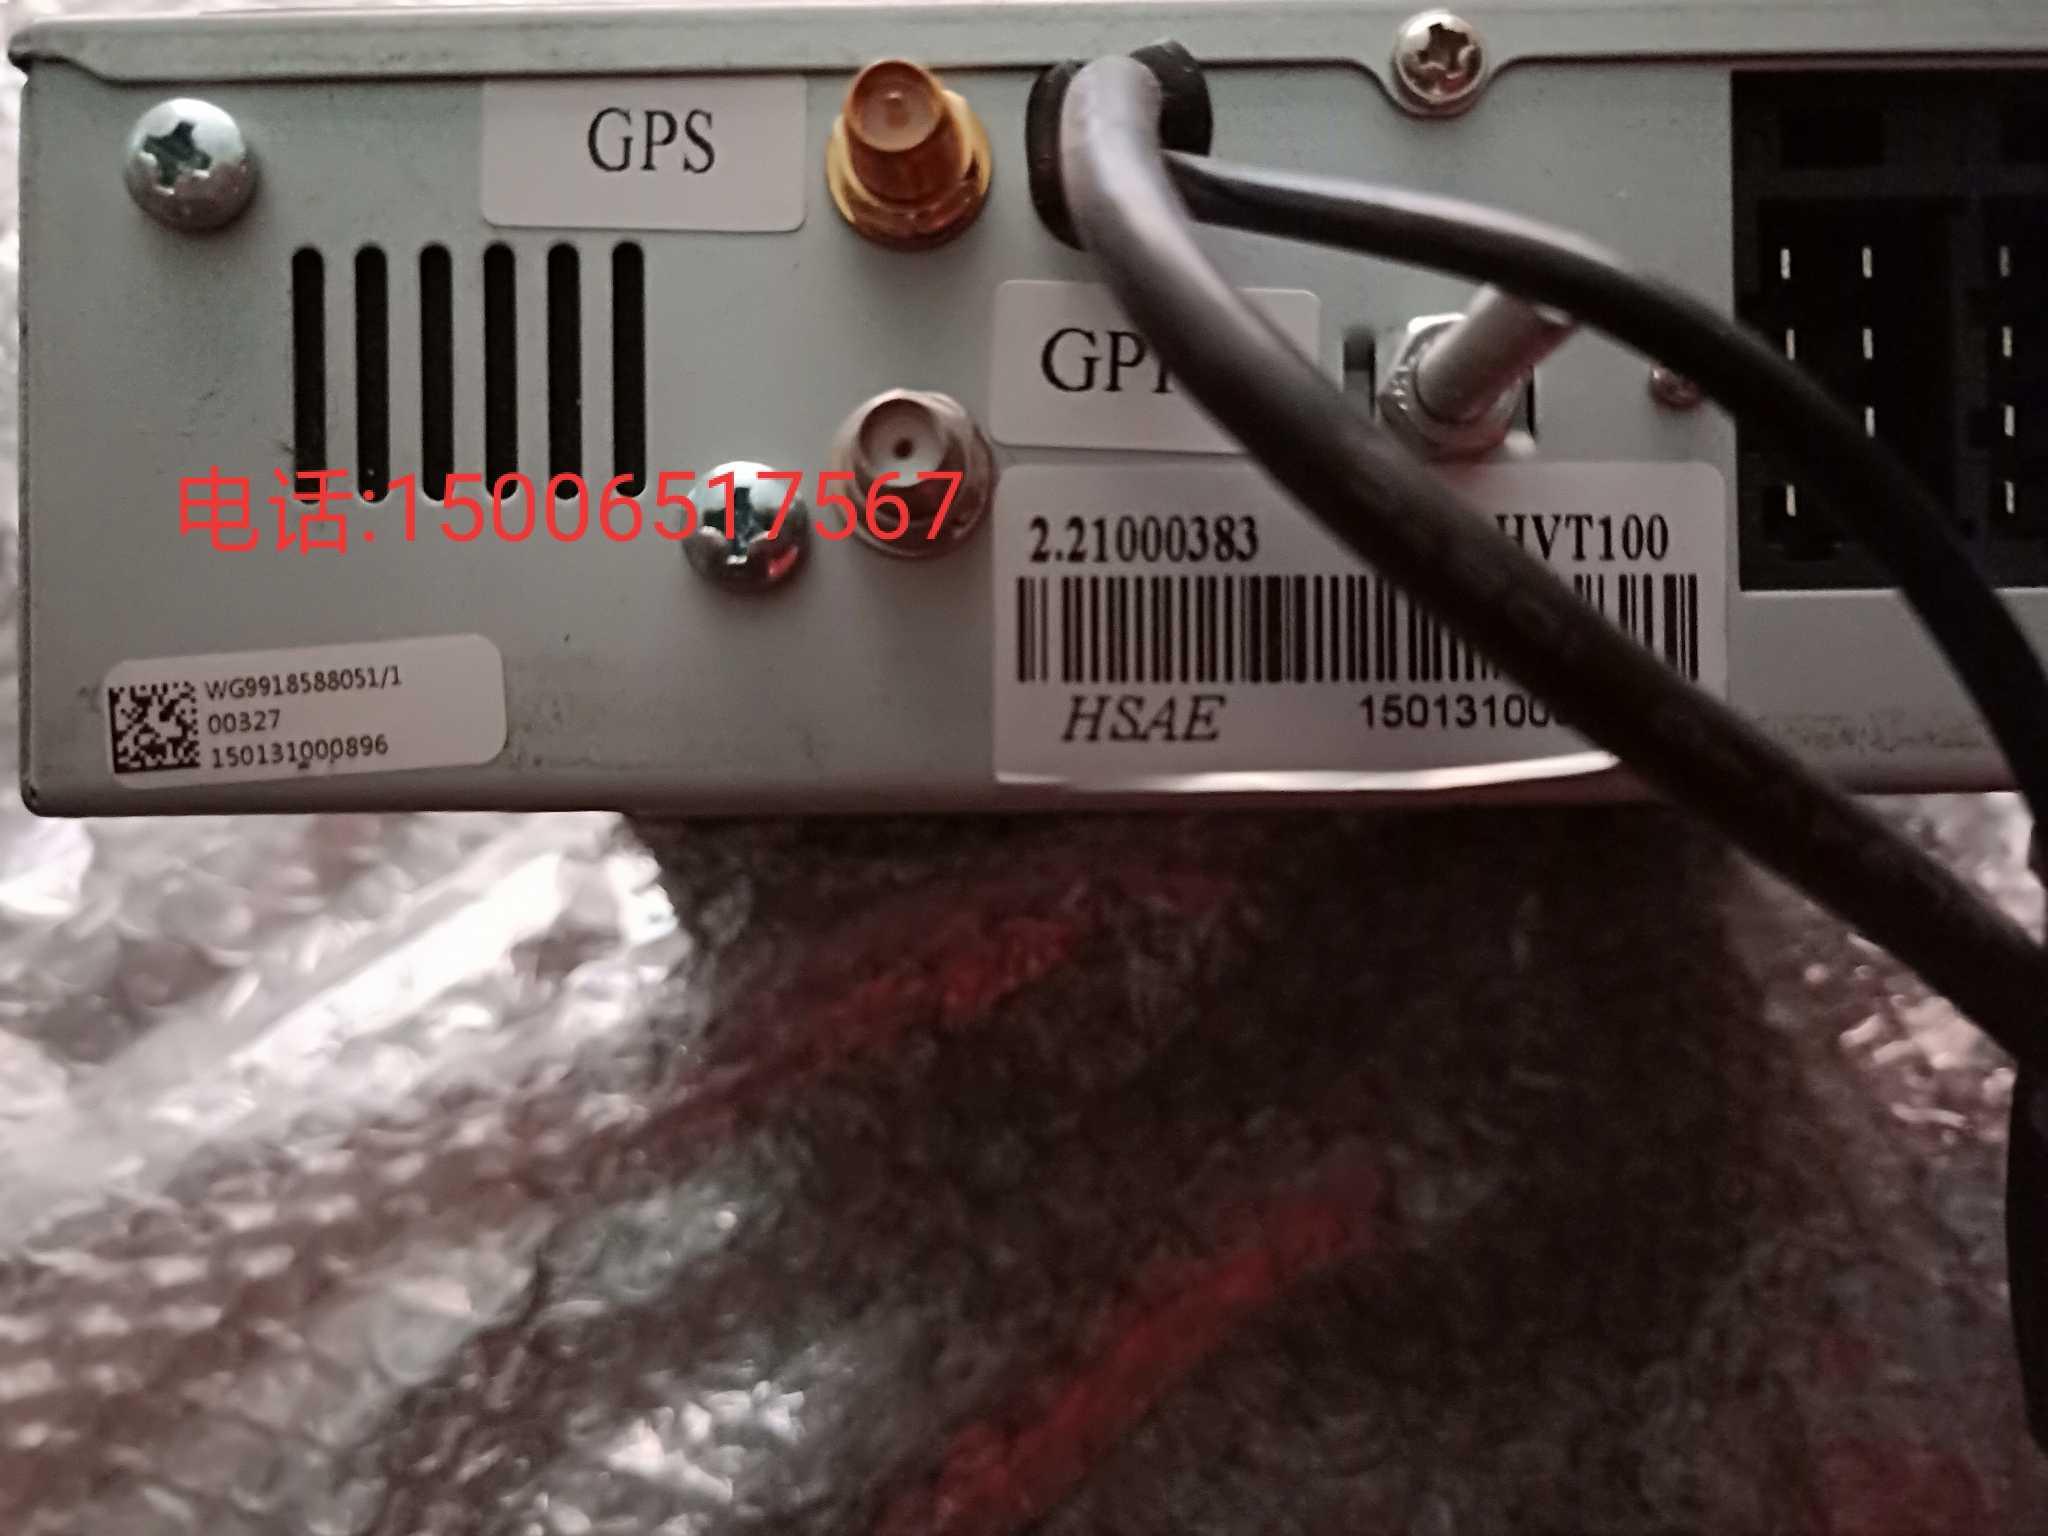 车辆监控设备WG9918588051